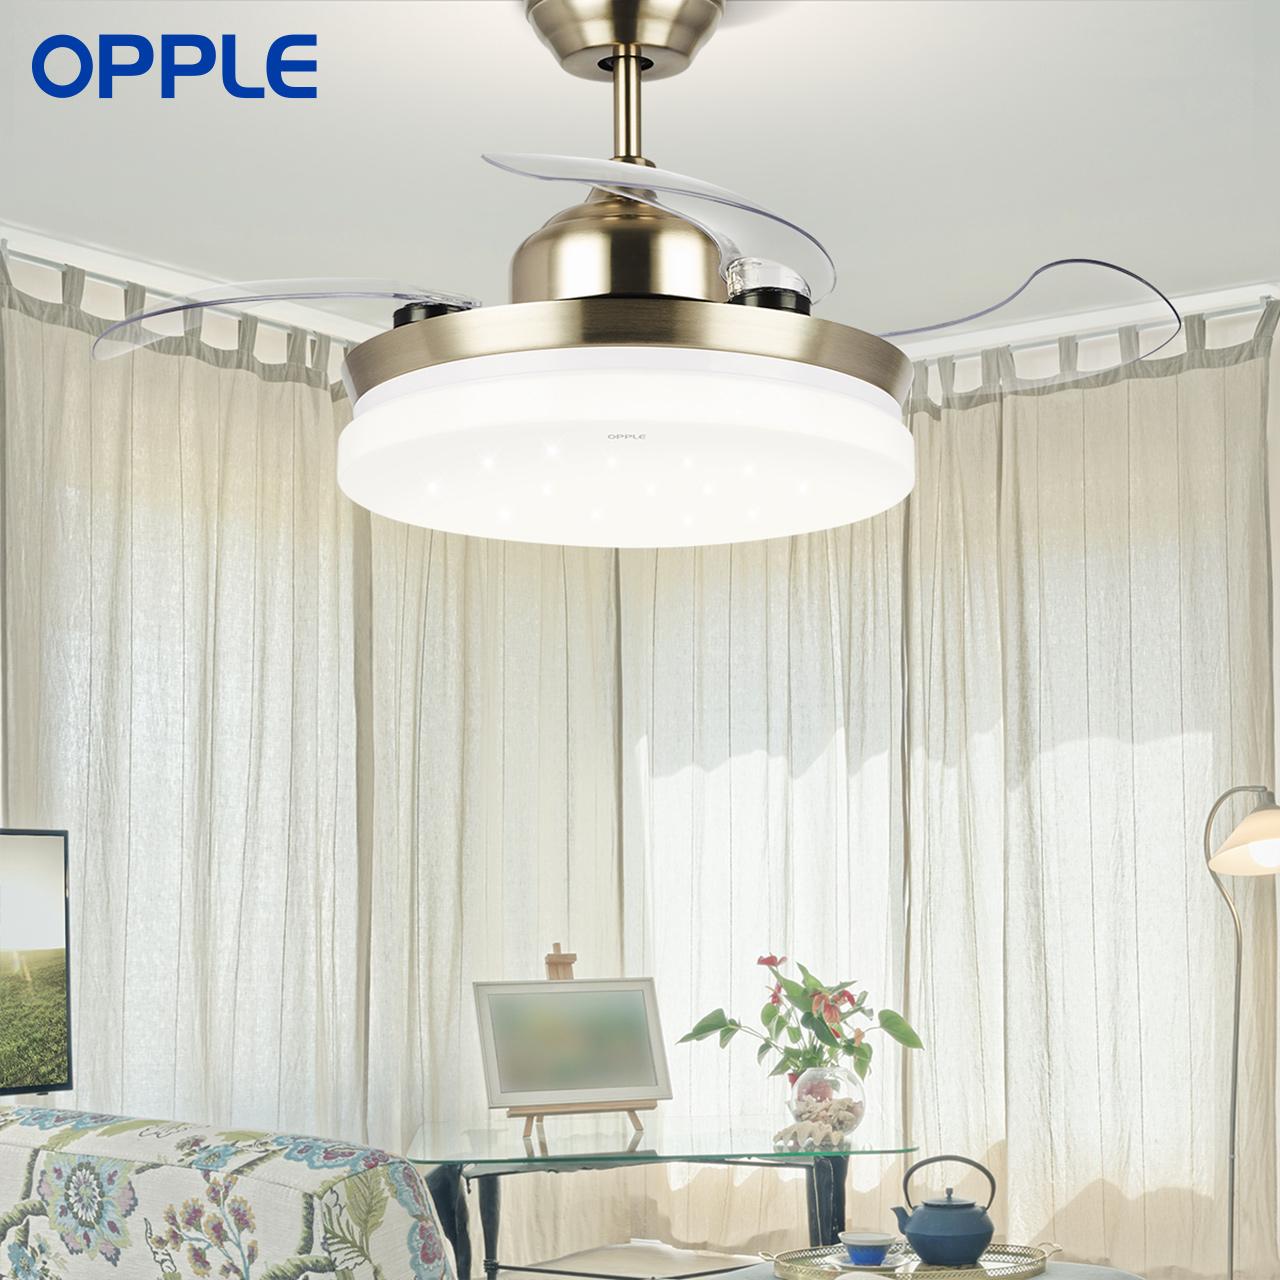 OPPLE 吊扇灯风扇灯客厅餐厅卧室家用简约现代LED风扇欧式吊灯